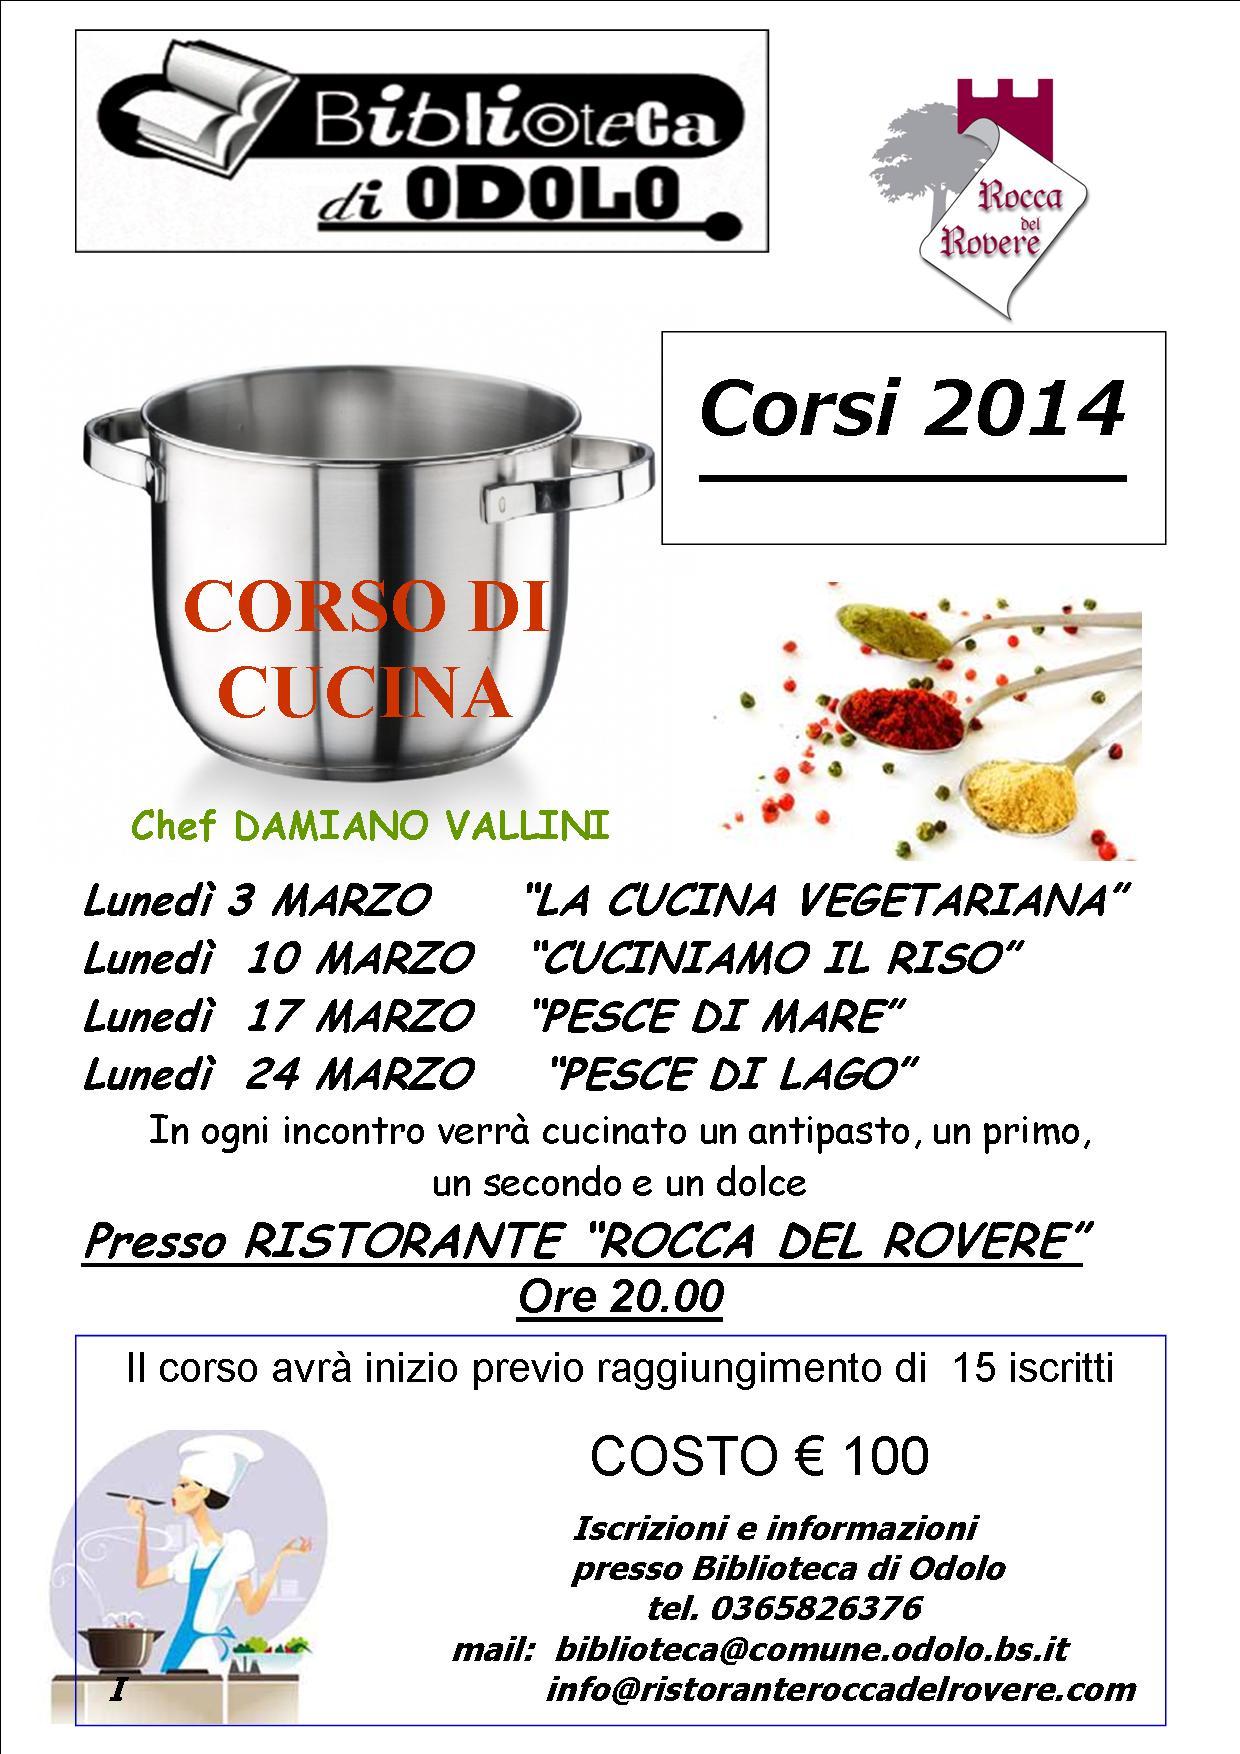 Corso cucina rete bibliotecaria bresciana e cremonese - Corso cucina cannavacciuolo prezzo ...